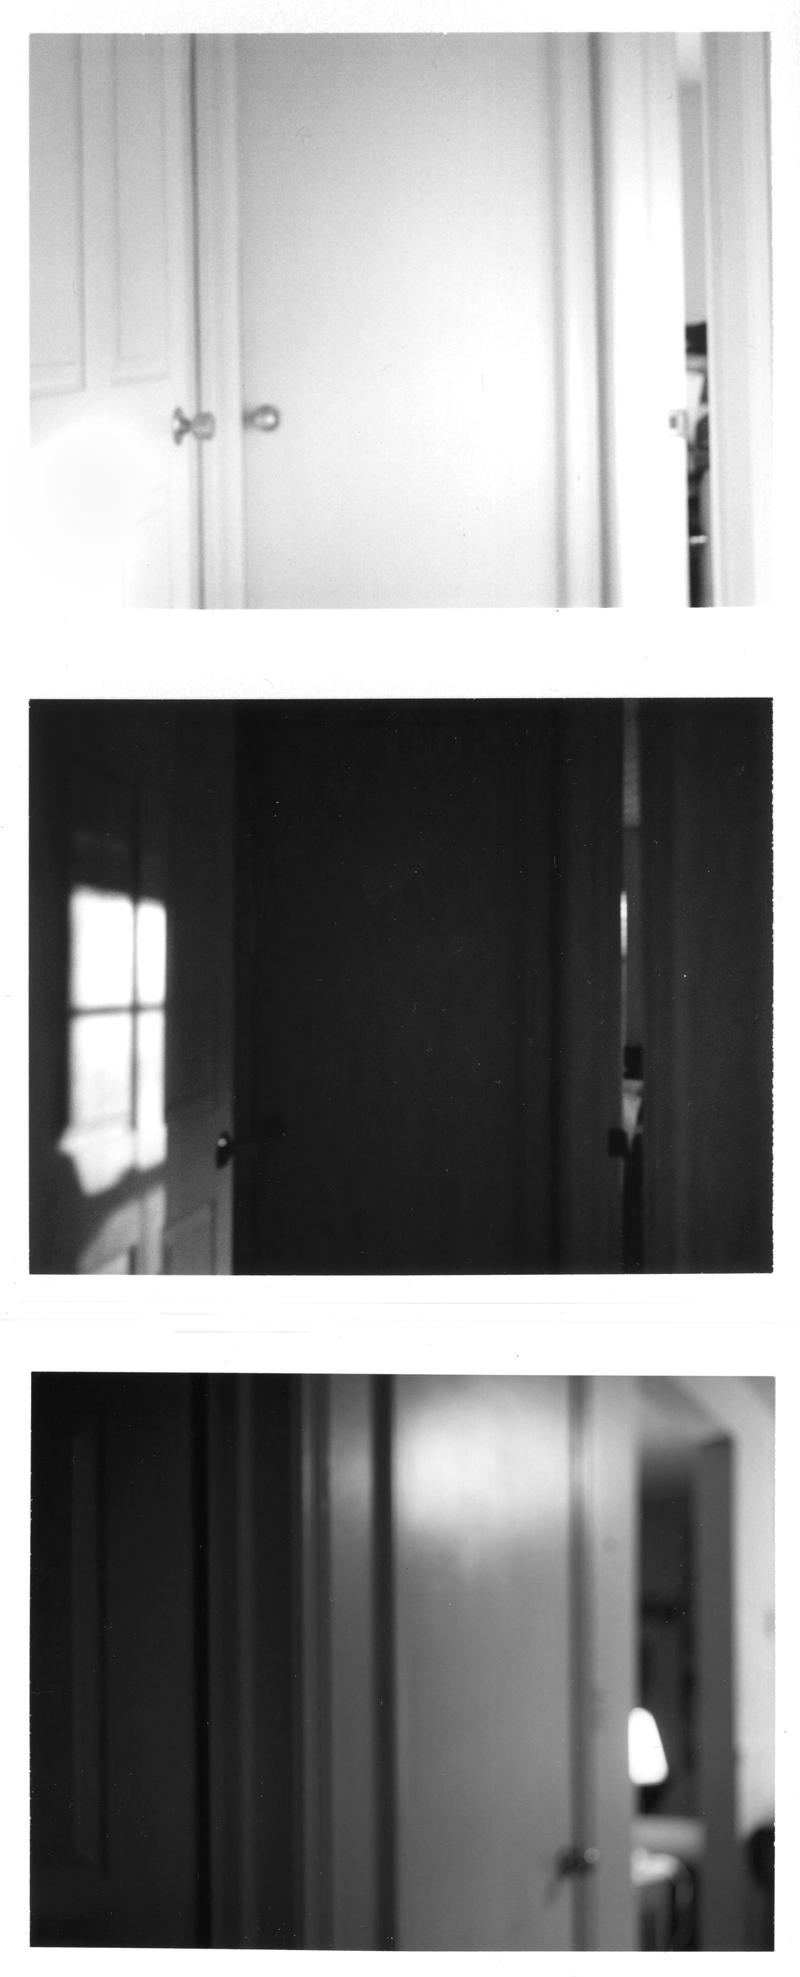 House, 2009 (3 Polaroids)